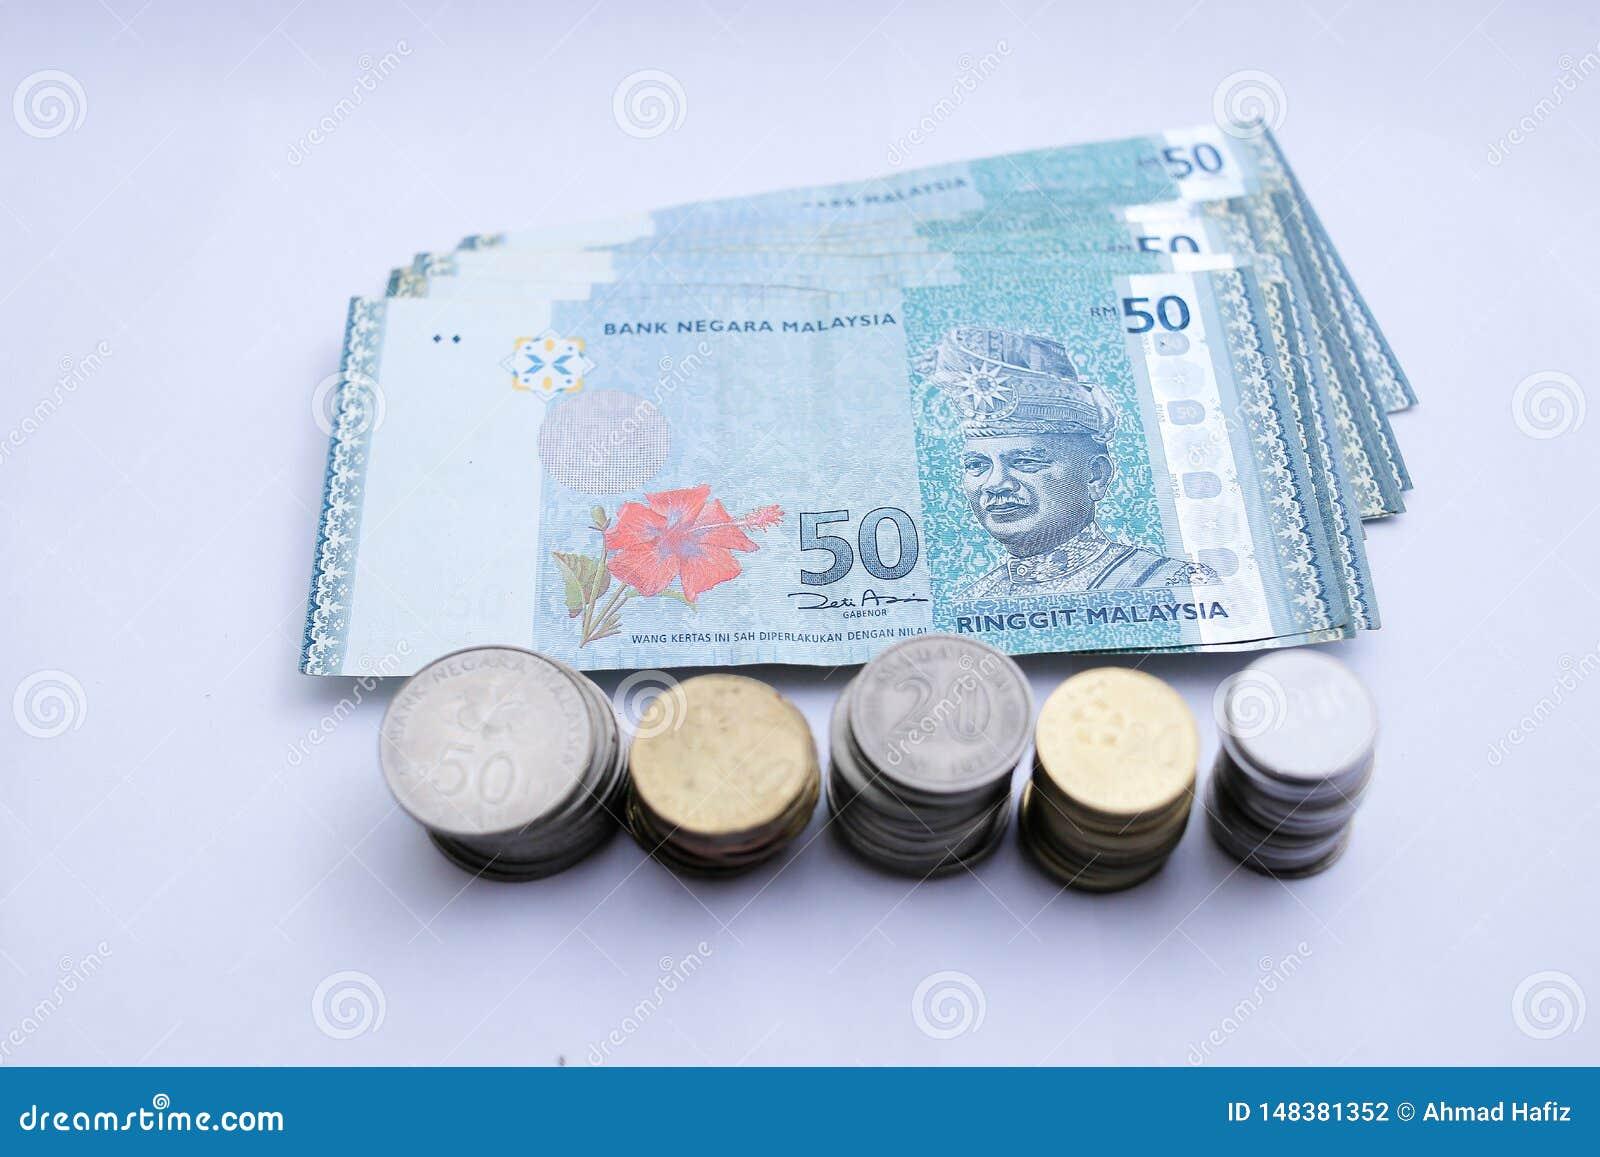 Χαρτονομίσματα χρημάτων της Μαλαισίας 50 RINGGIT και μαλαισιανό νόμισμα που απομονώνονται στο άσπρο υπόβαθρο